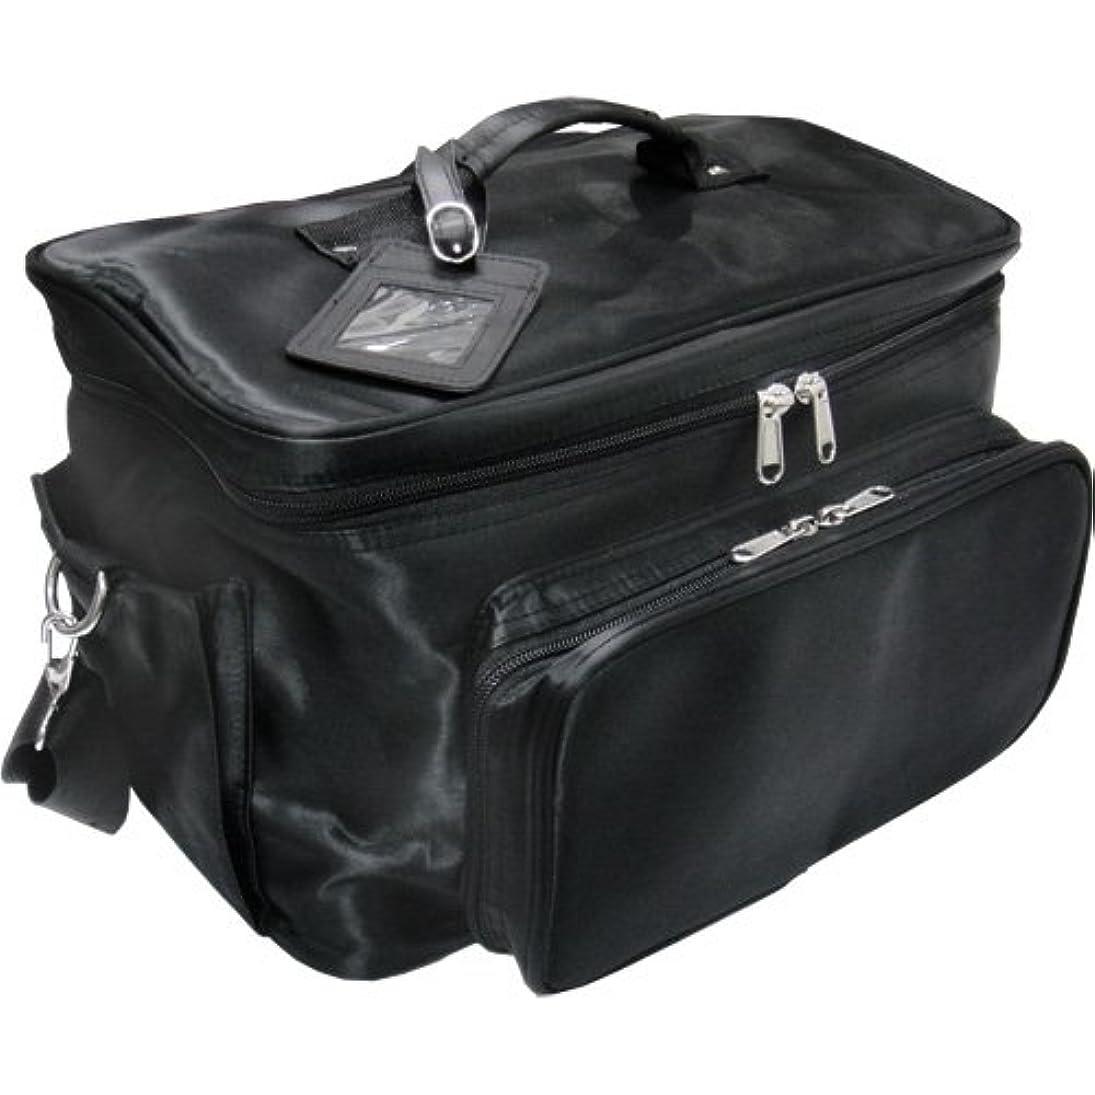 に慣れ統治可能ガレージ軽量バニティーバック ブラック コスメバッグ、ネイルバッグ、ネイリストバッグ、ナイロンコスメボックス